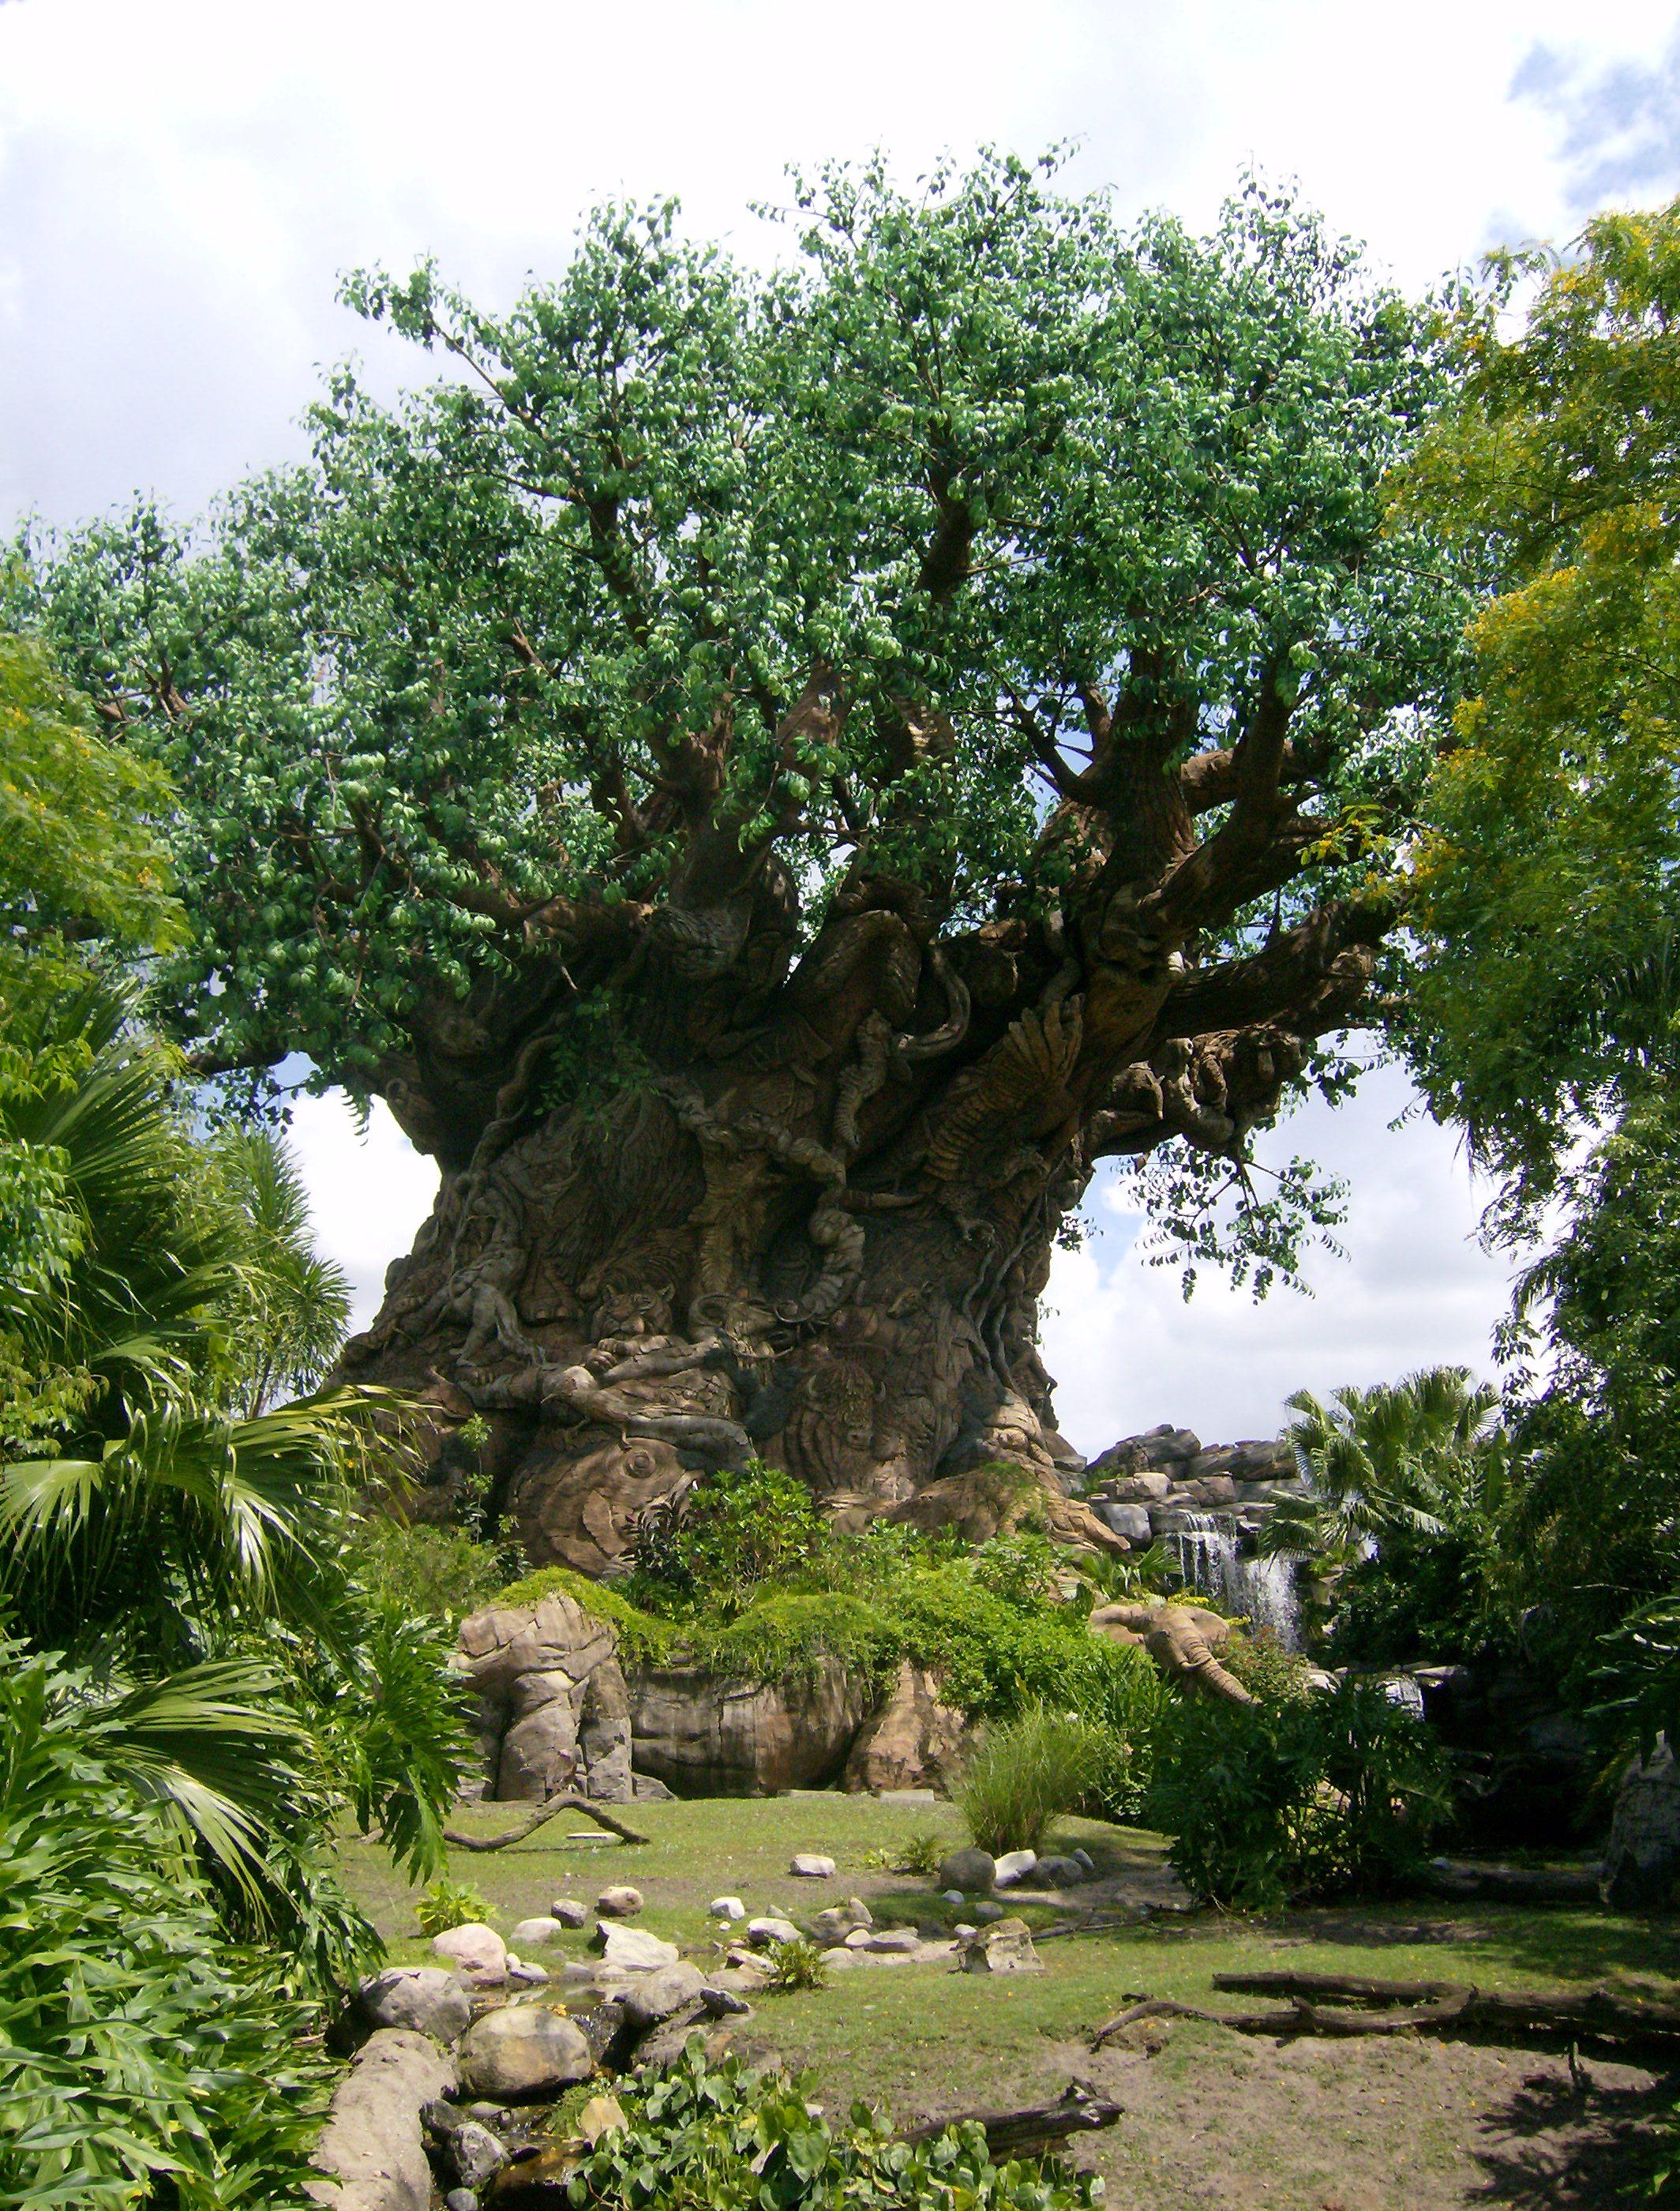 42. Дерево жизни, символ Диснеевского Королевства Животных